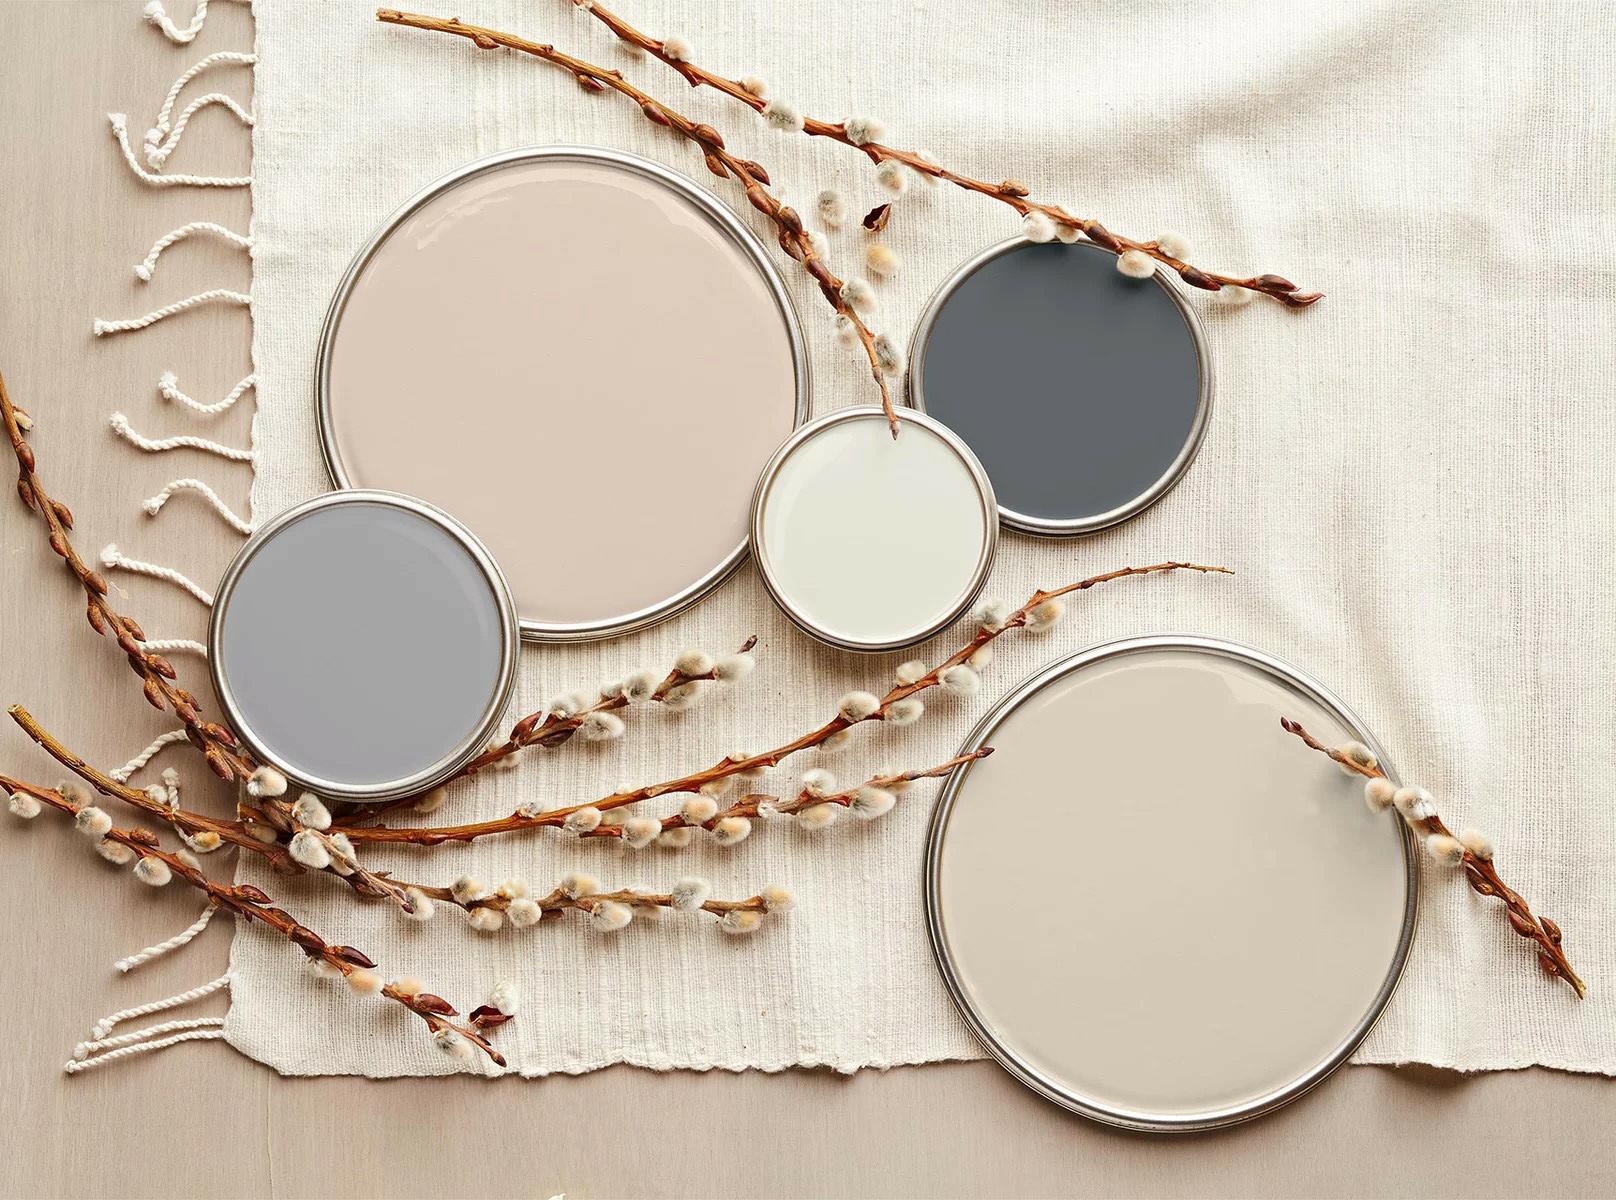 use nuetral tones in seasonal shades